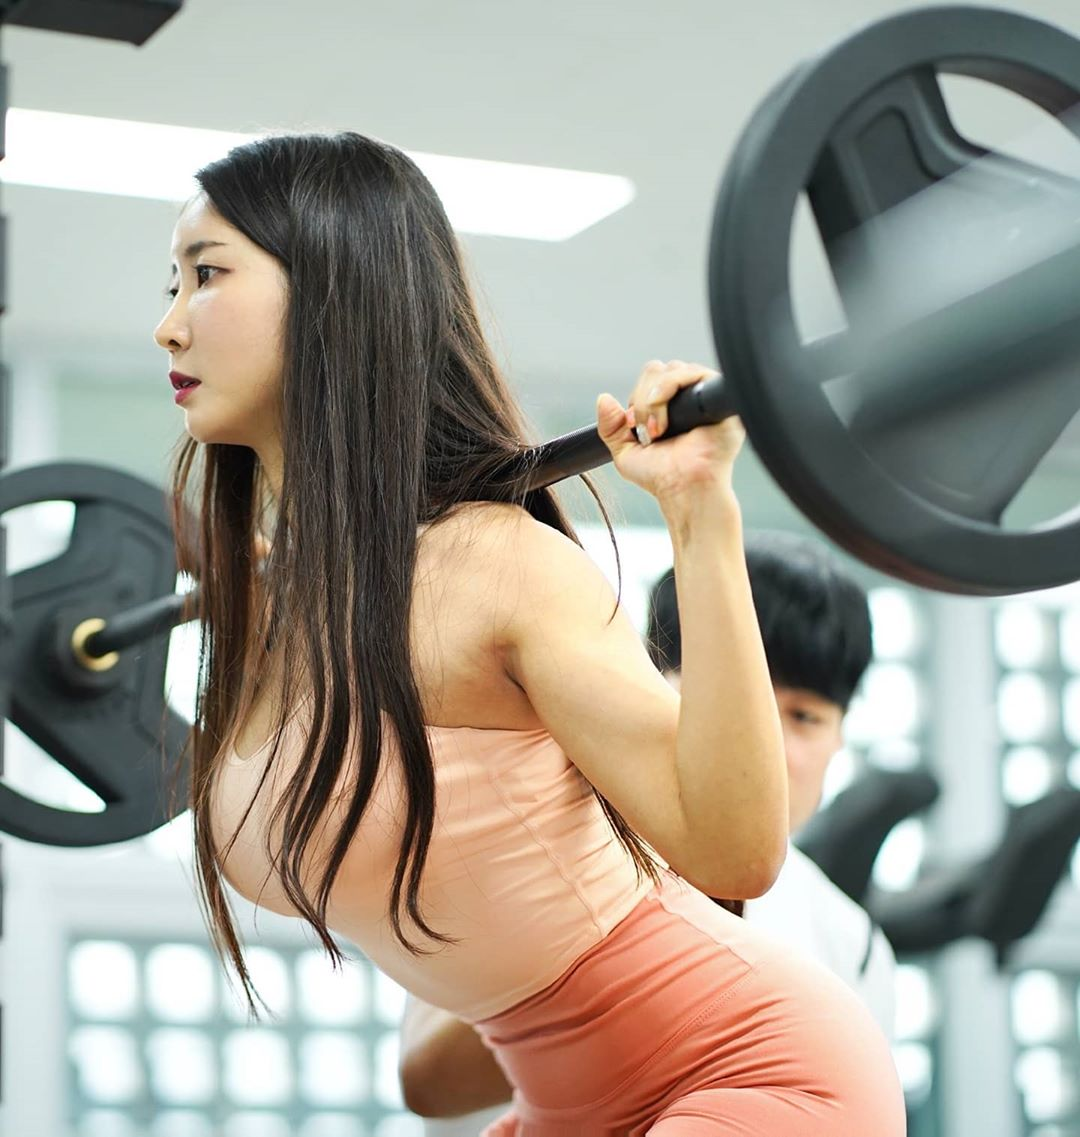 Thạc sĩ trường danh giá nhất xứ Hàn làm gì để thân hình như quả bom di động? - Hình 5